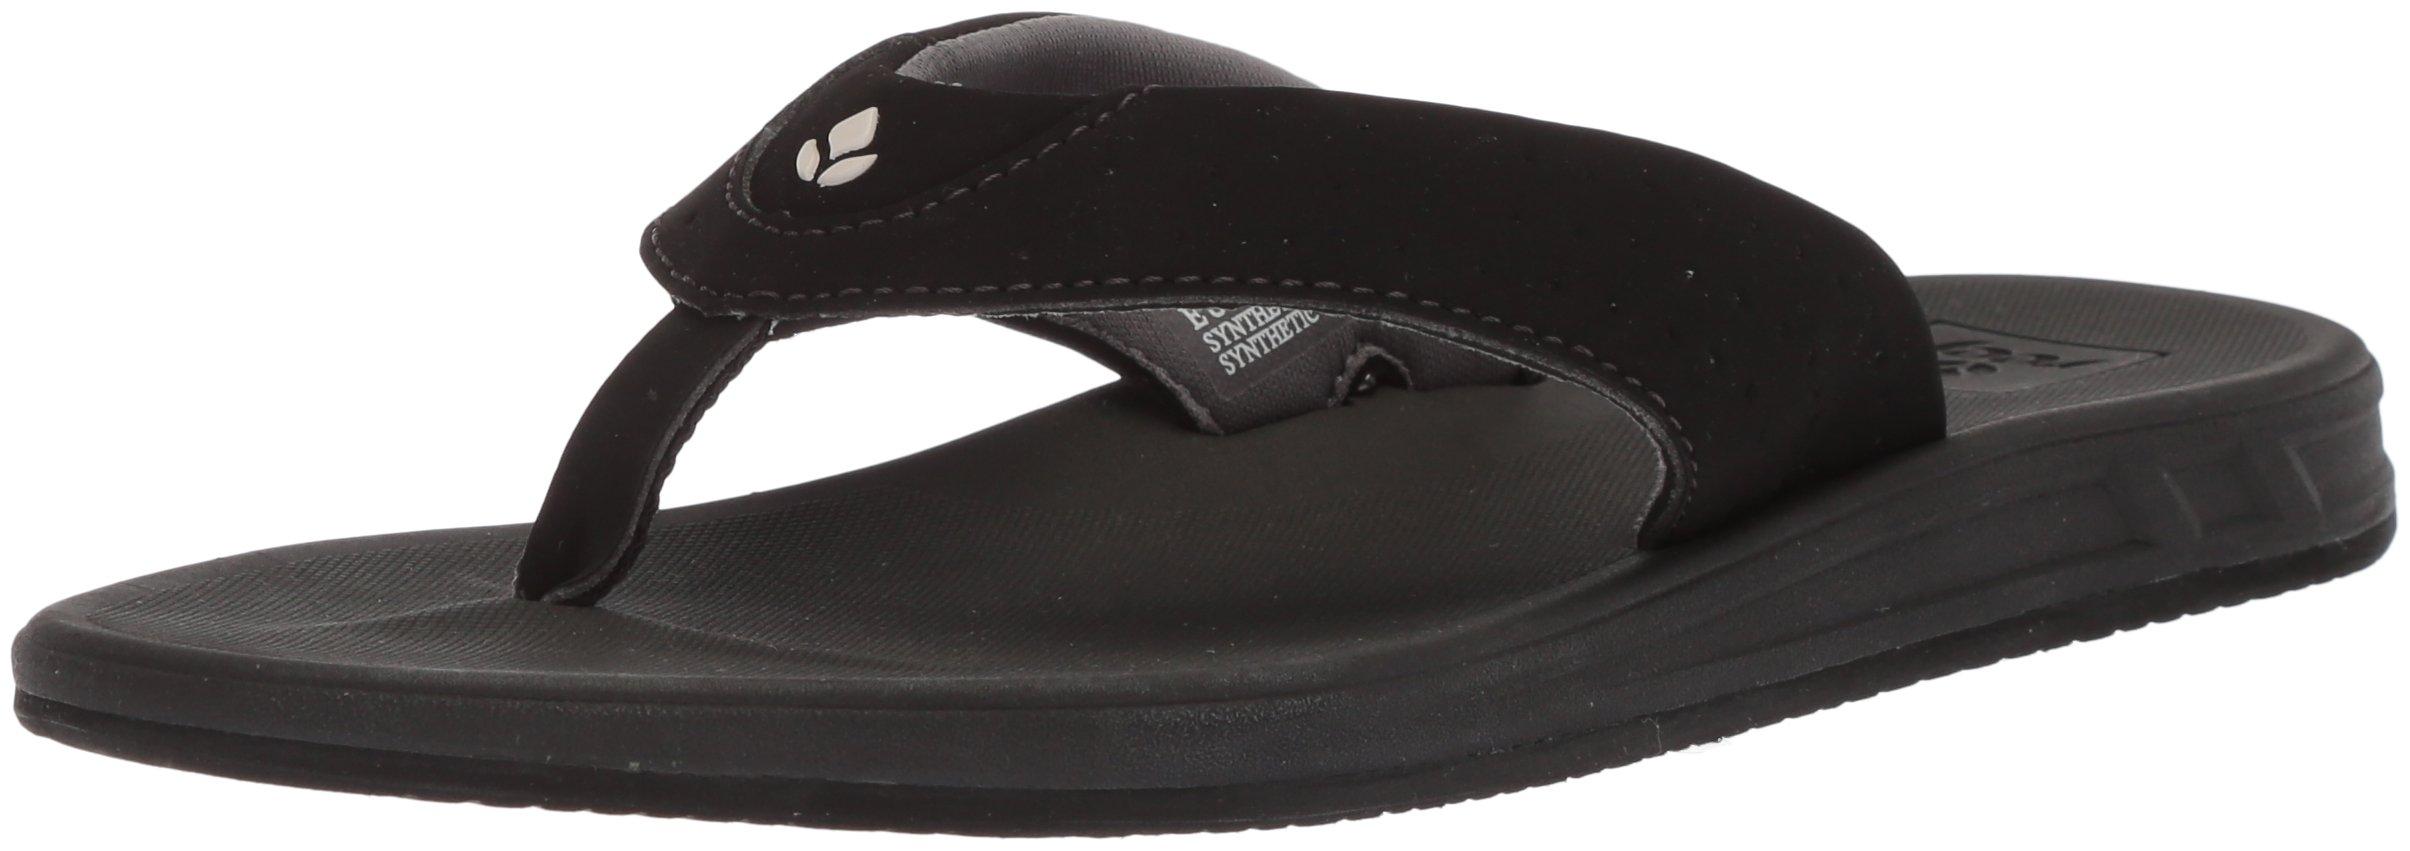 Reef Women's Lofty Sandal